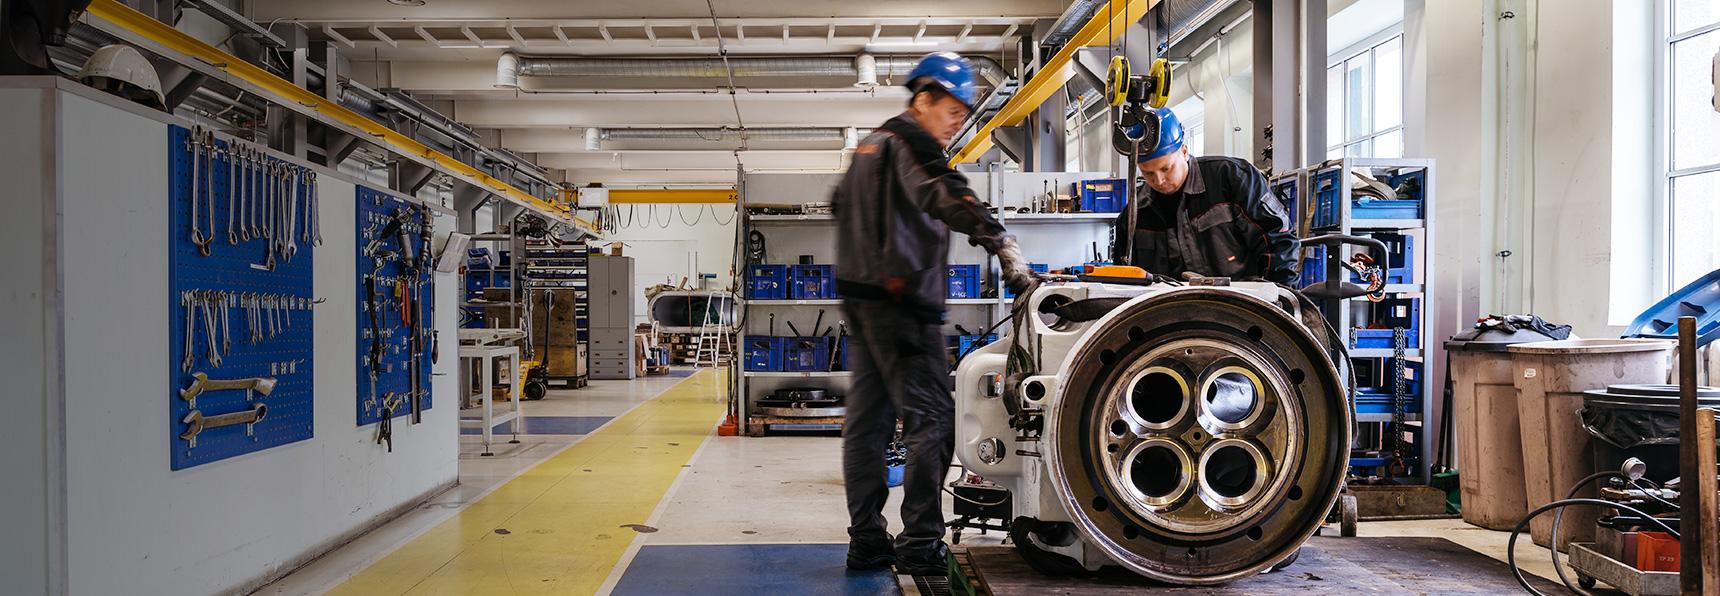 Diesel Engine Repair – AS LTH-Baas